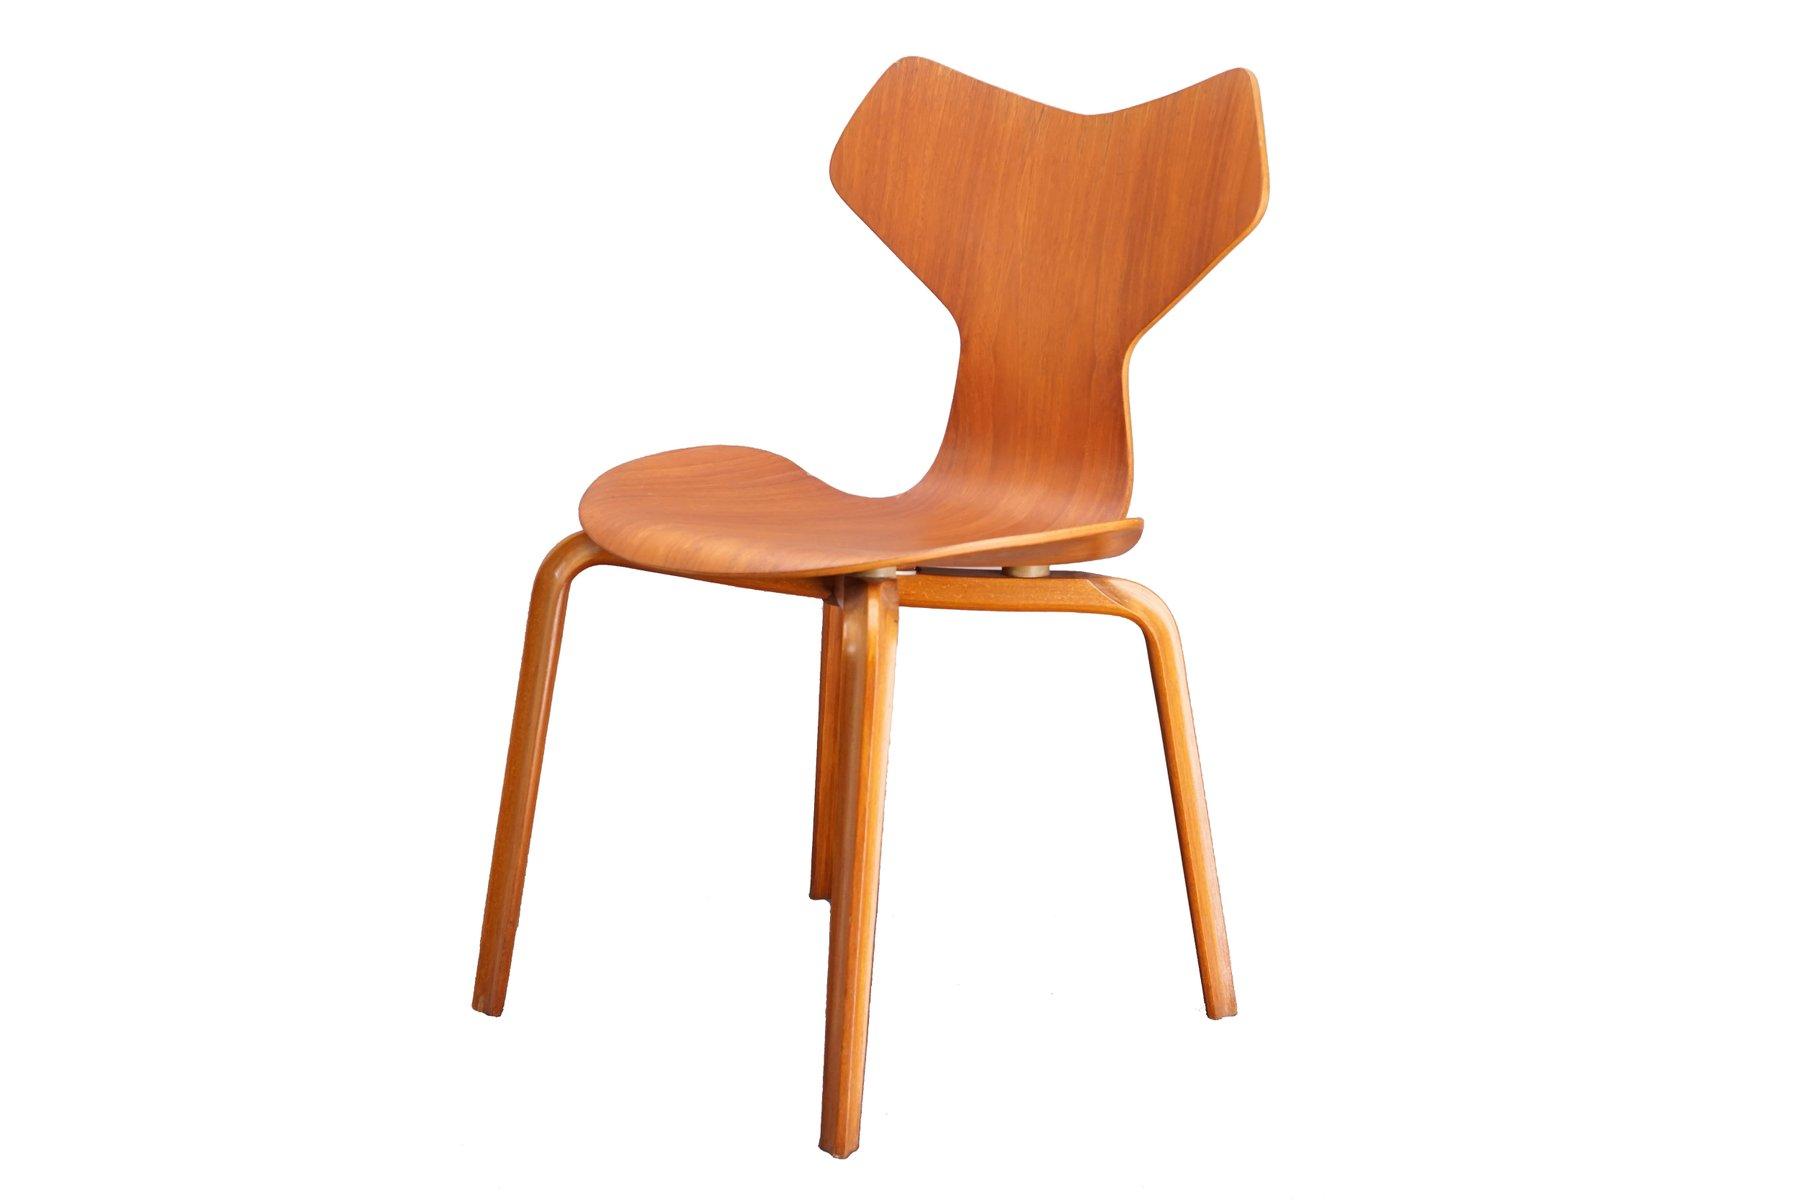 Teak Grand Prix Chair by Arne Jacobsen for Fritz Hansen 1960s for